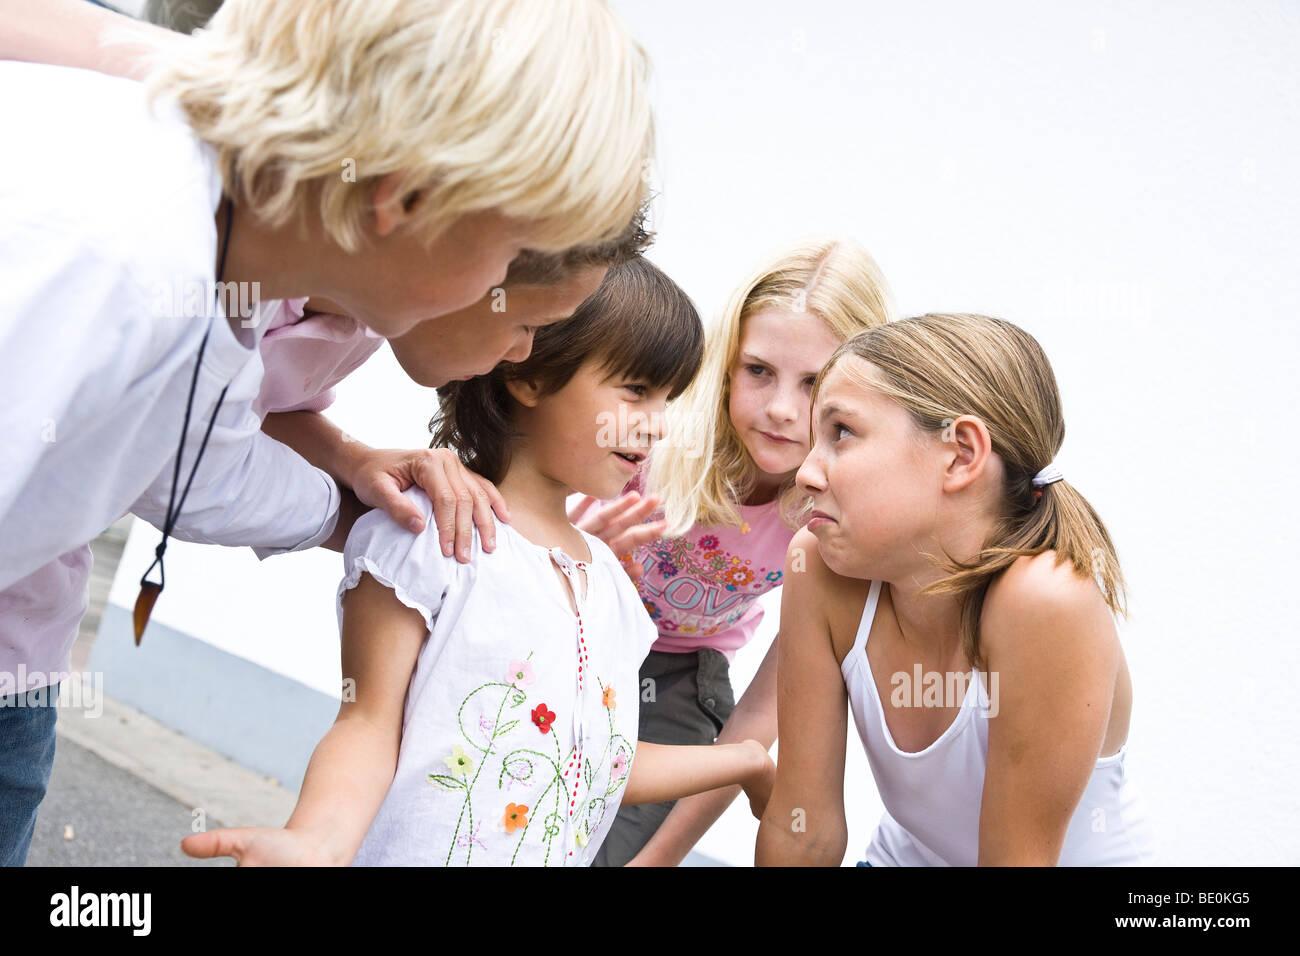 Young schoolgirl in the schoolyard, talking with older children Stock Photo